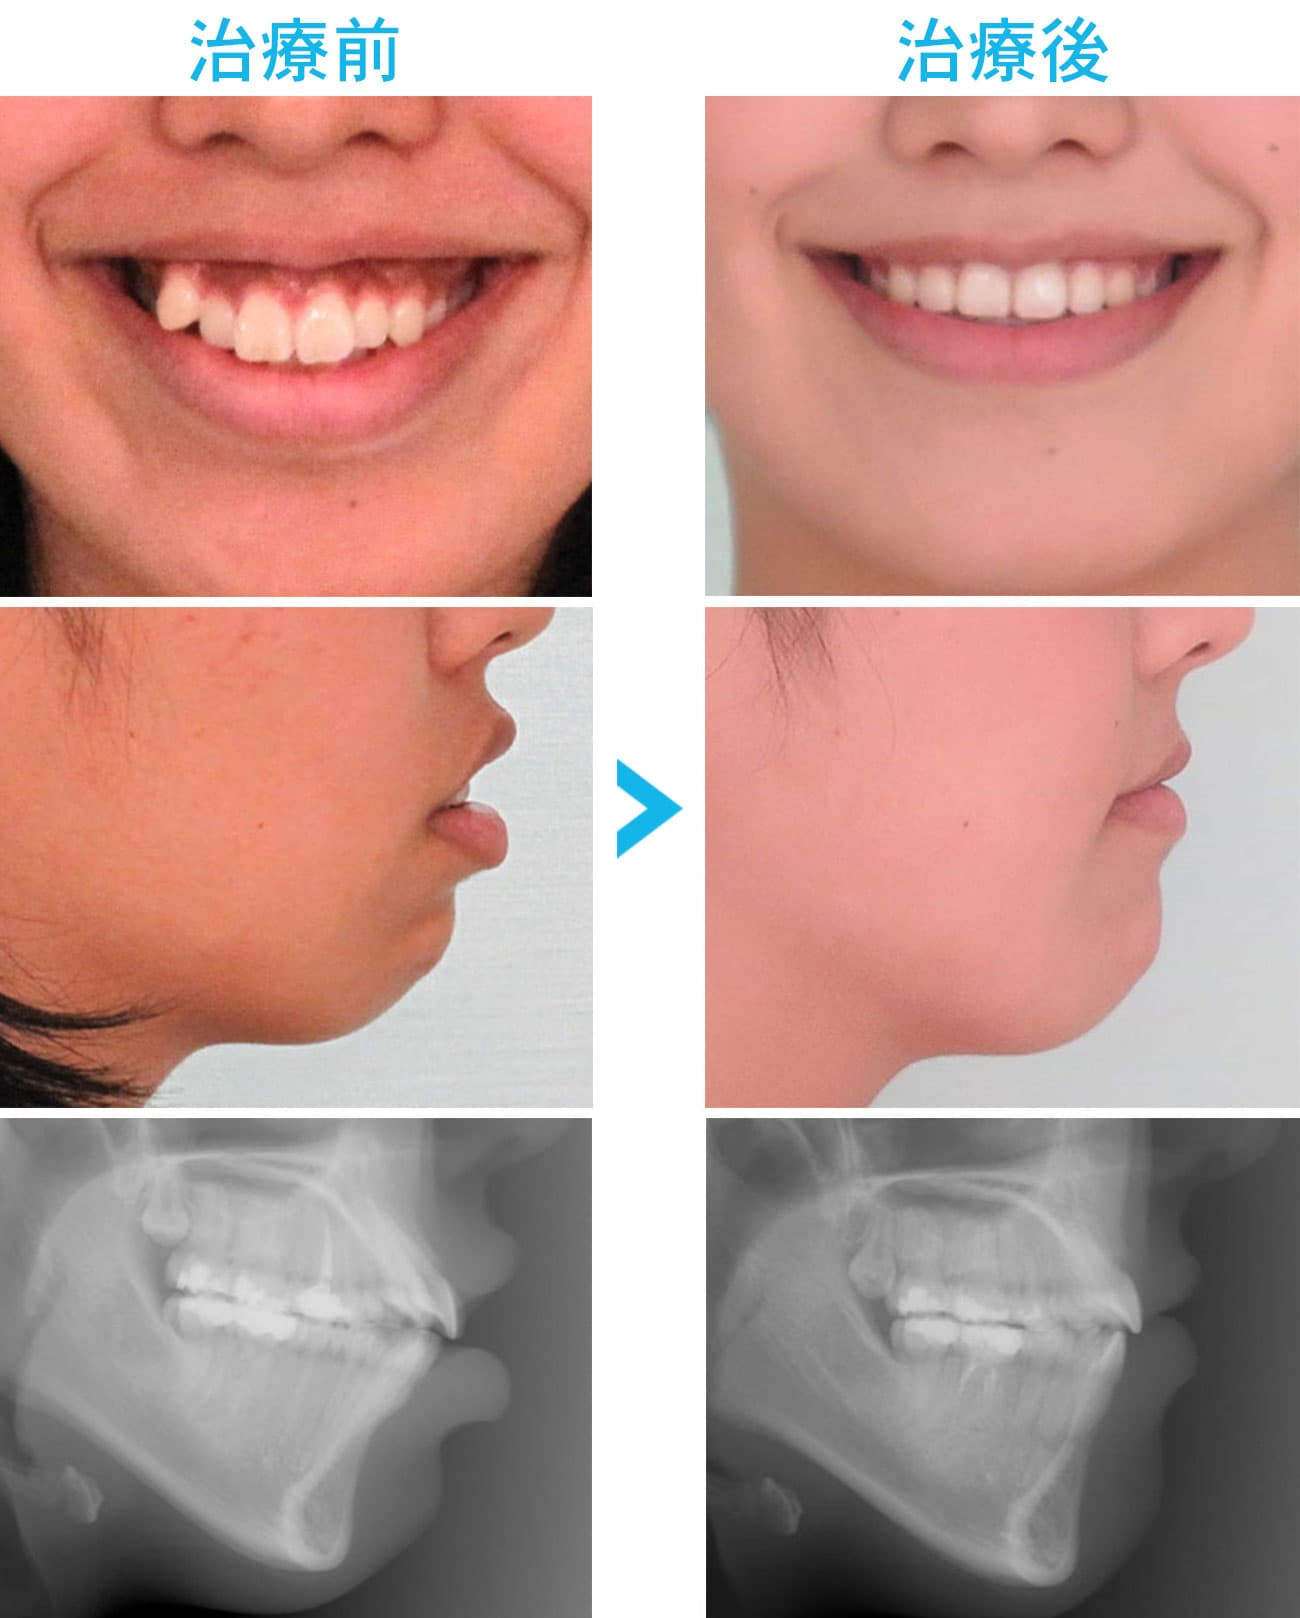 歯科矯正用アンカースクリューによる治療前と治療後の比較